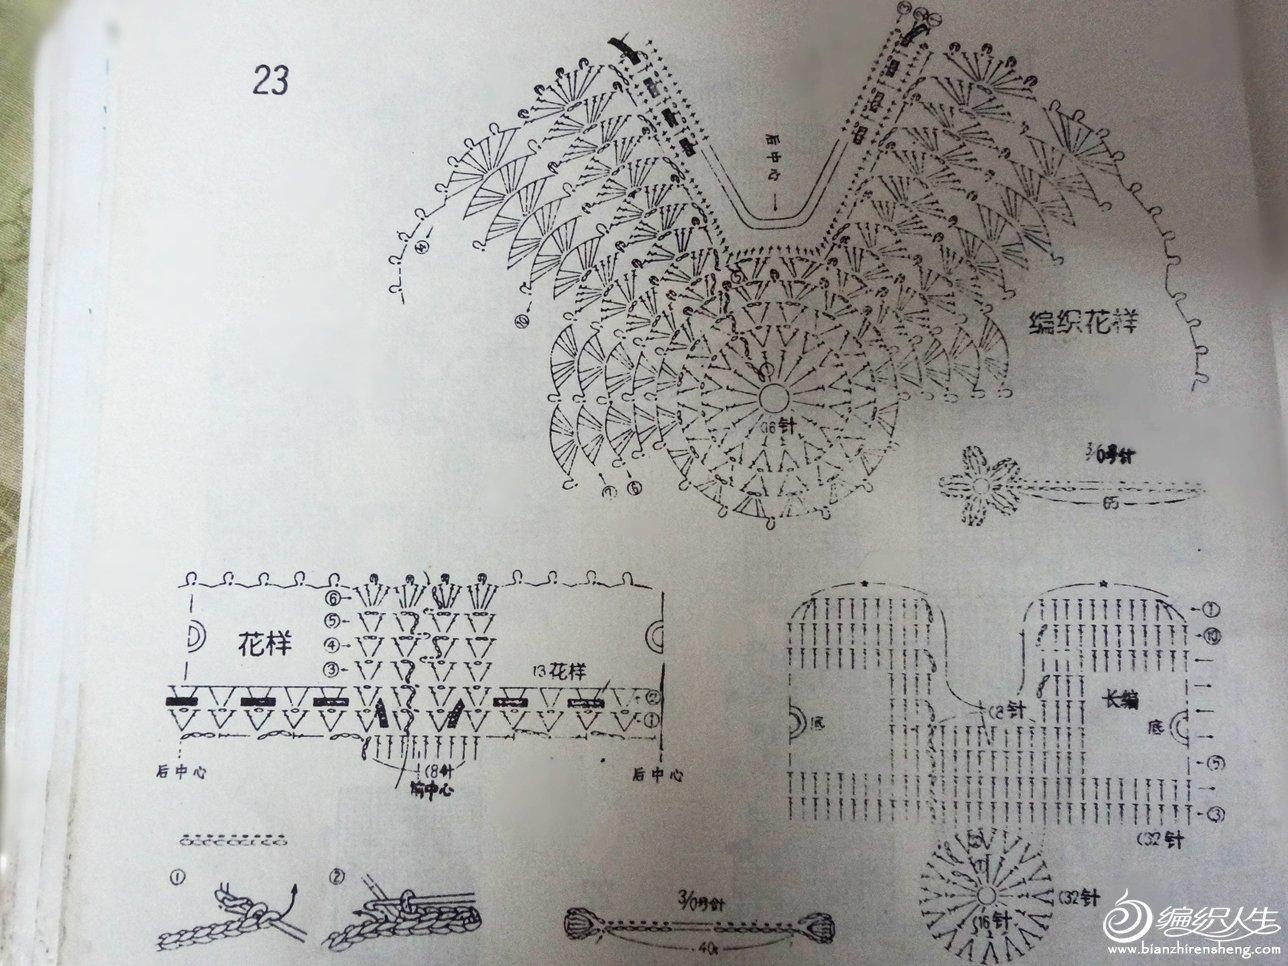 论坛 69 儿童服饰编织交流 69 儿童毛衣(钩针) 69 暖暖小斗篷